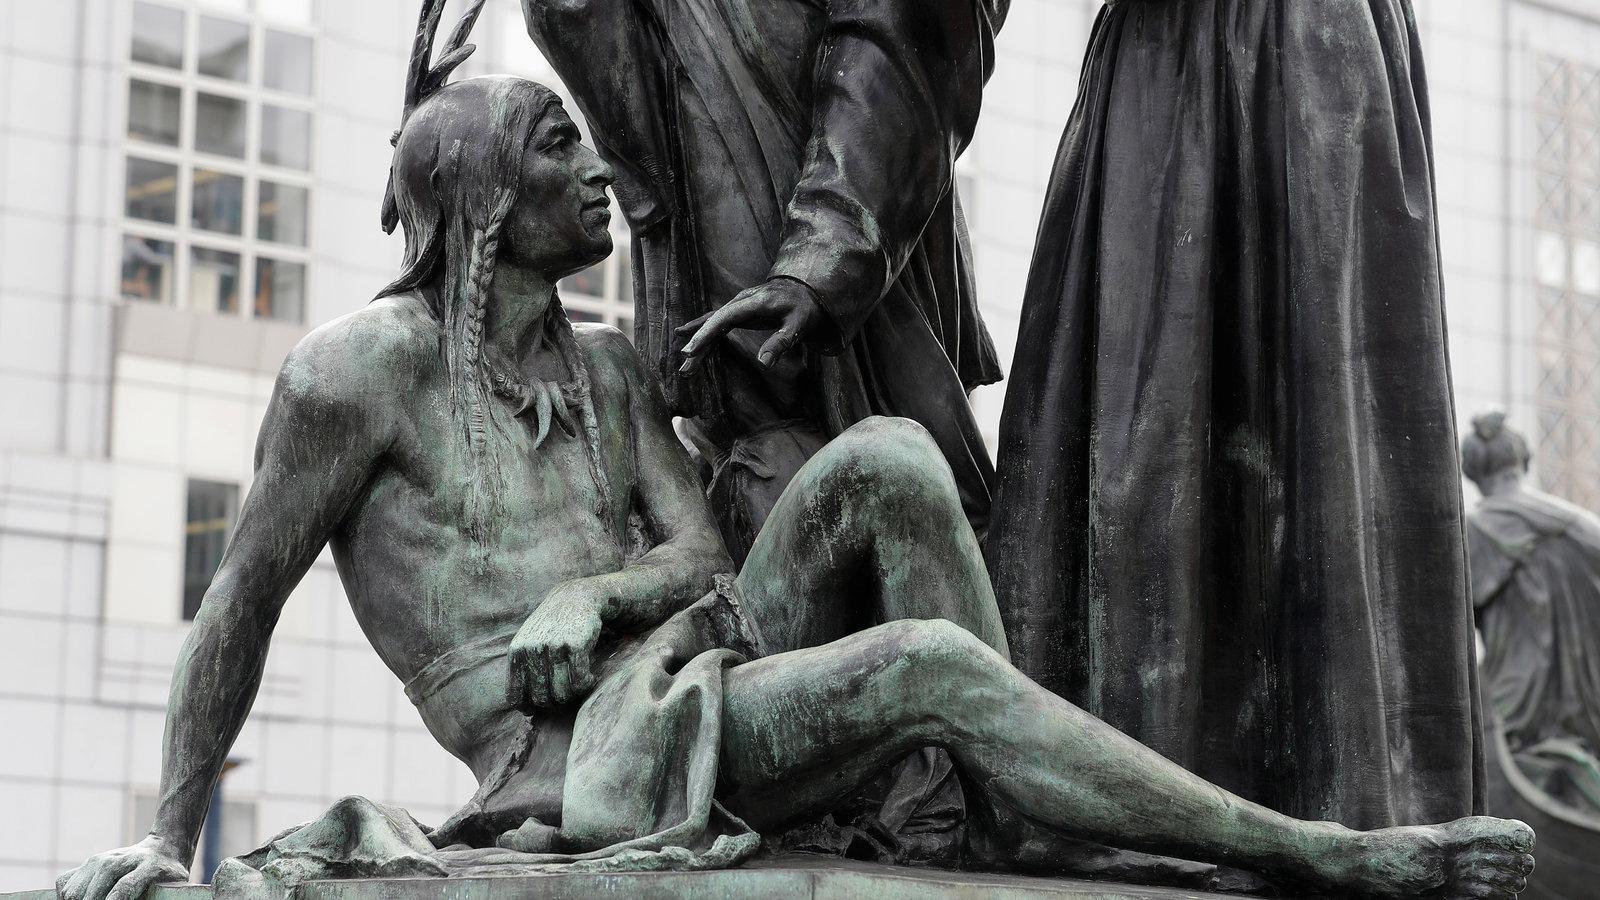 San Francisco Will Remove Controversial Statue Of Native